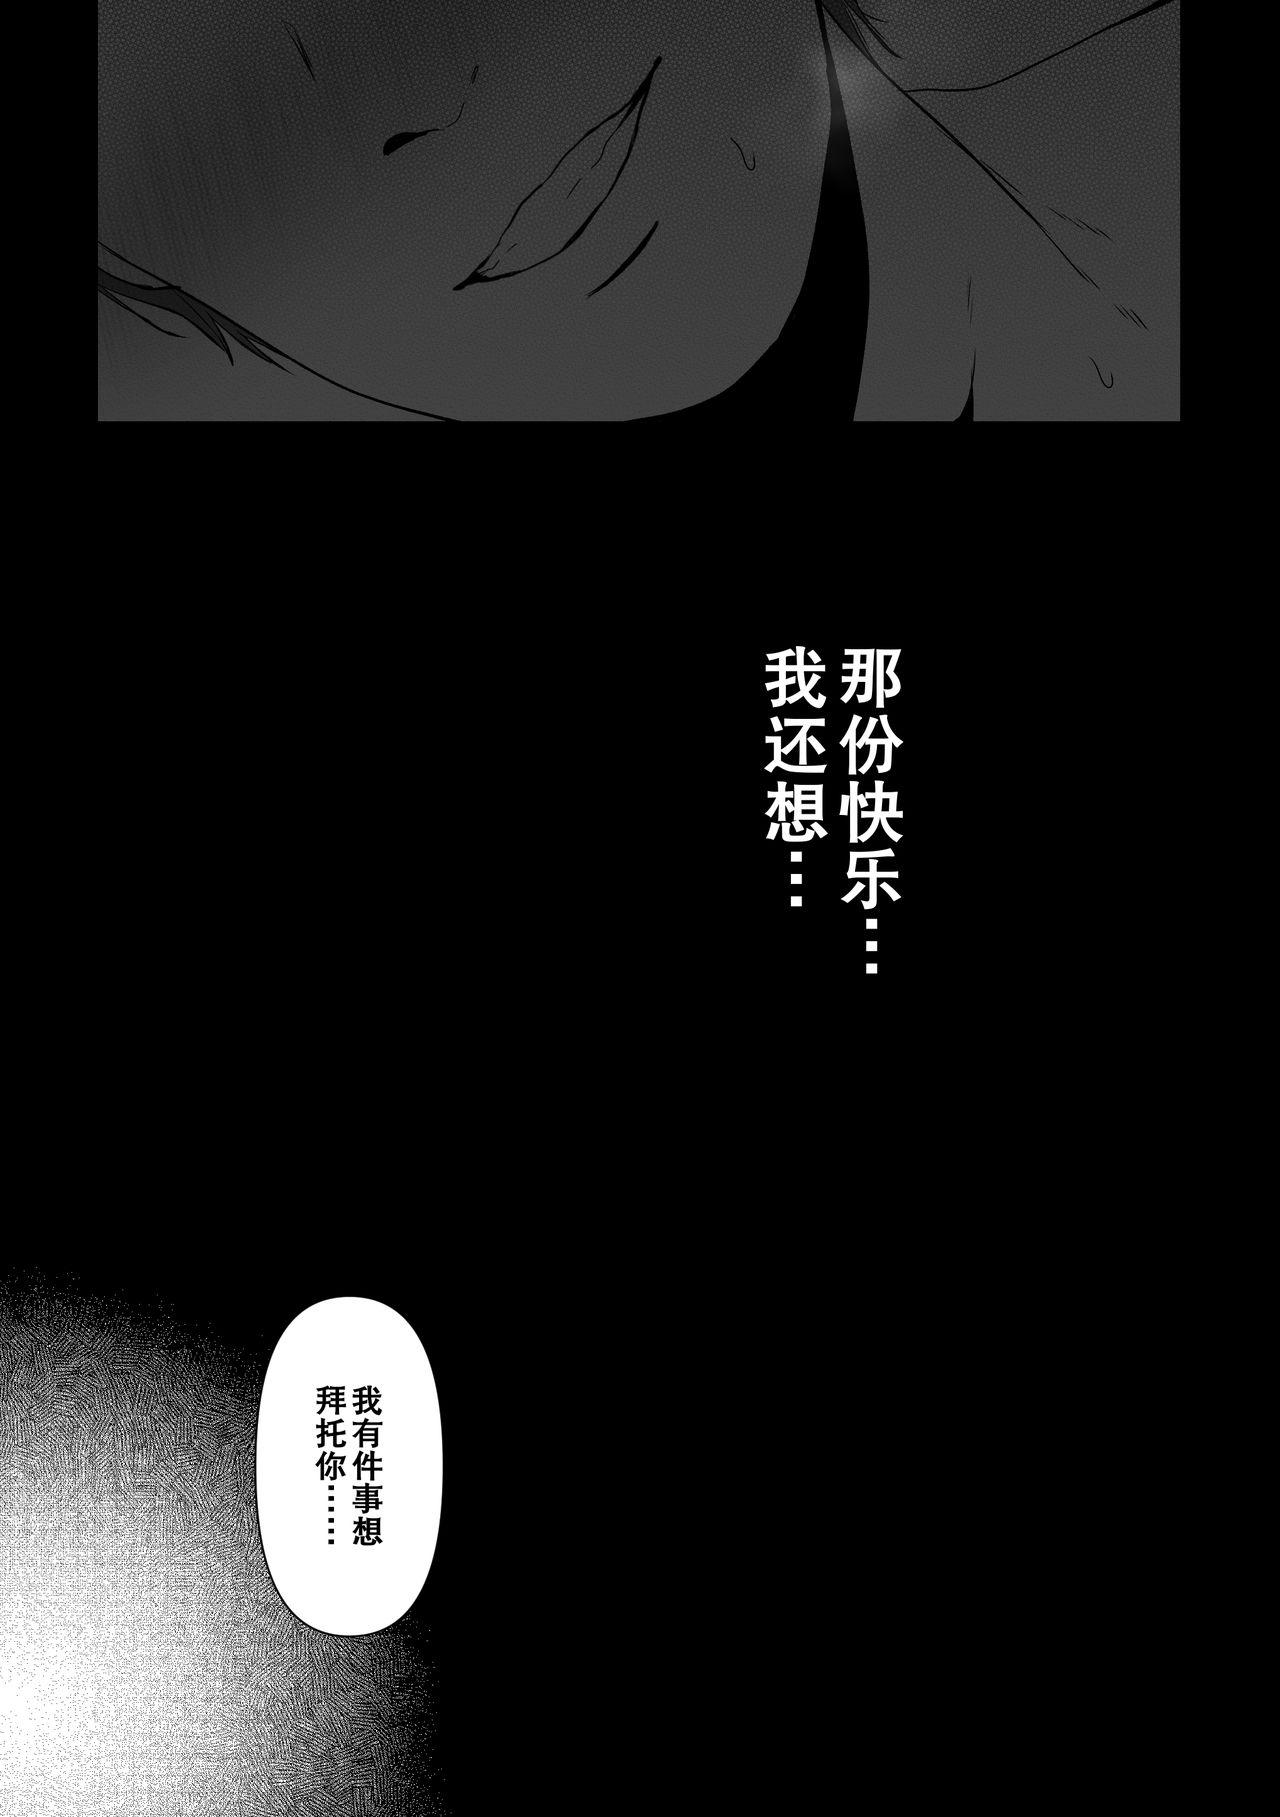 [Torotoro Yume Banana (Yumeki Banana)] Anata ga Nozomu nara[Chinese]【不可视汉化】 31